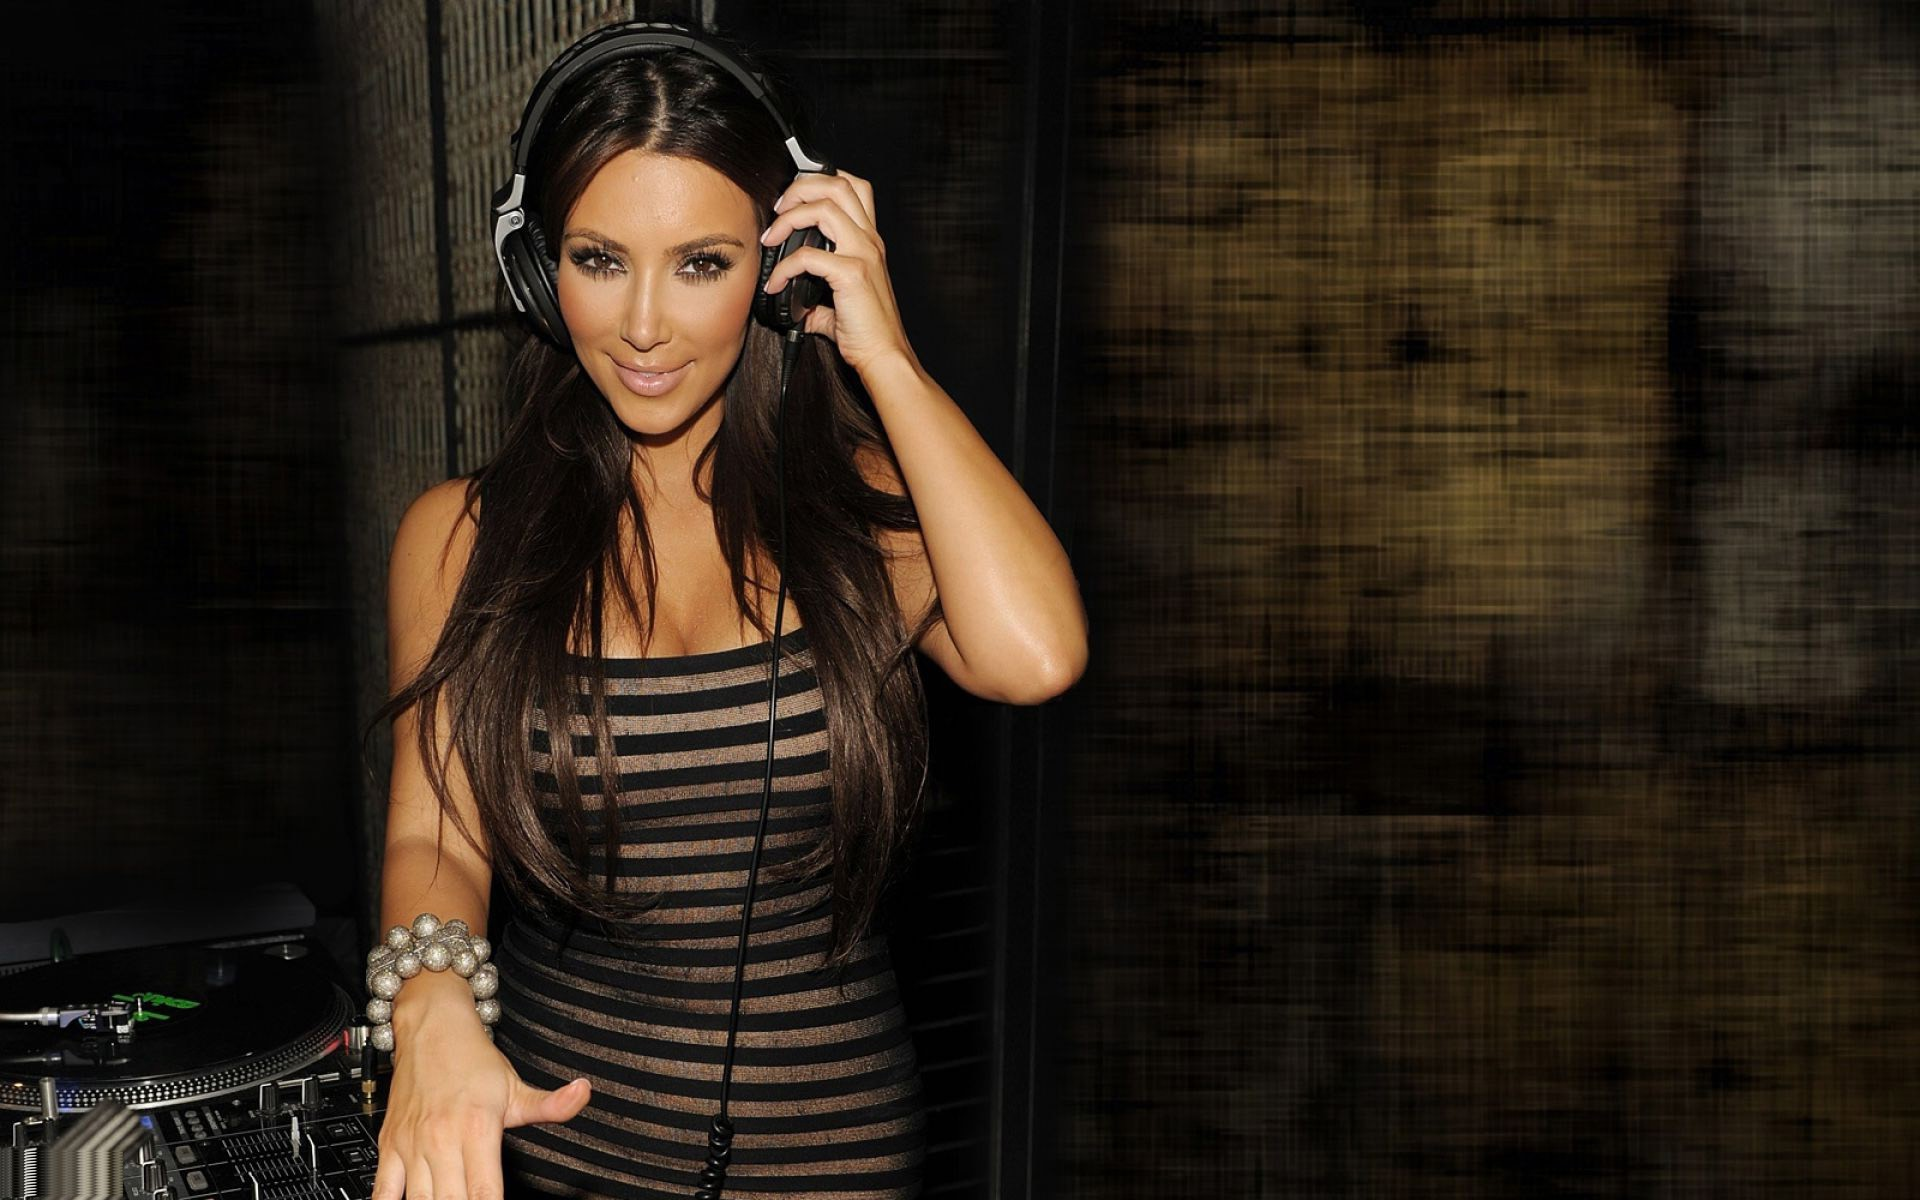 Kim Kardashian Wallpapers Hd 14800 Wallpaper Wallpaper hd 1920x1200